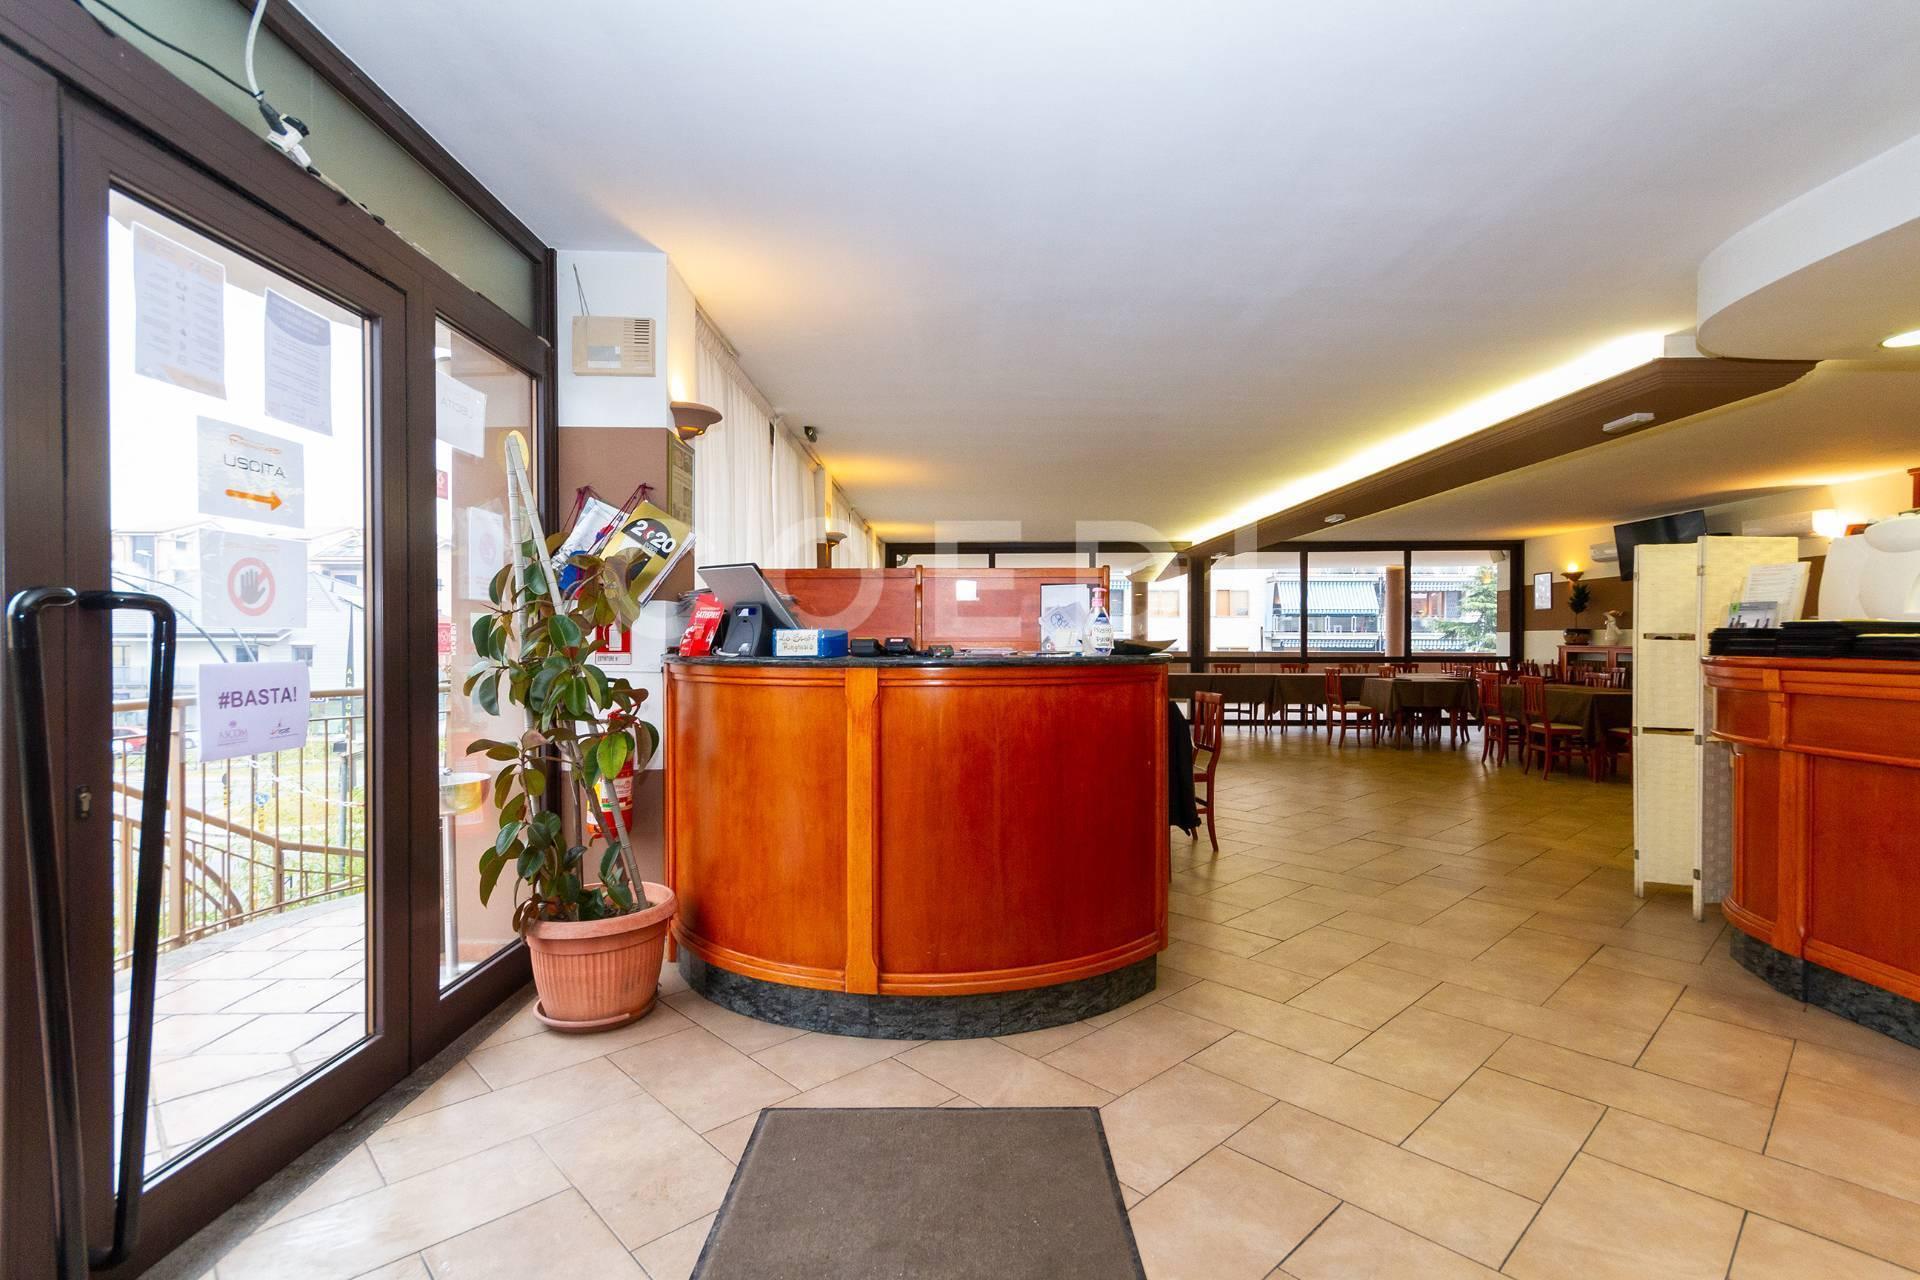 Negozio / Locale in vendita a Alpignano, 9999 locali, prezzo € 750.000 | PortaleAgenzieImmobiliari.it